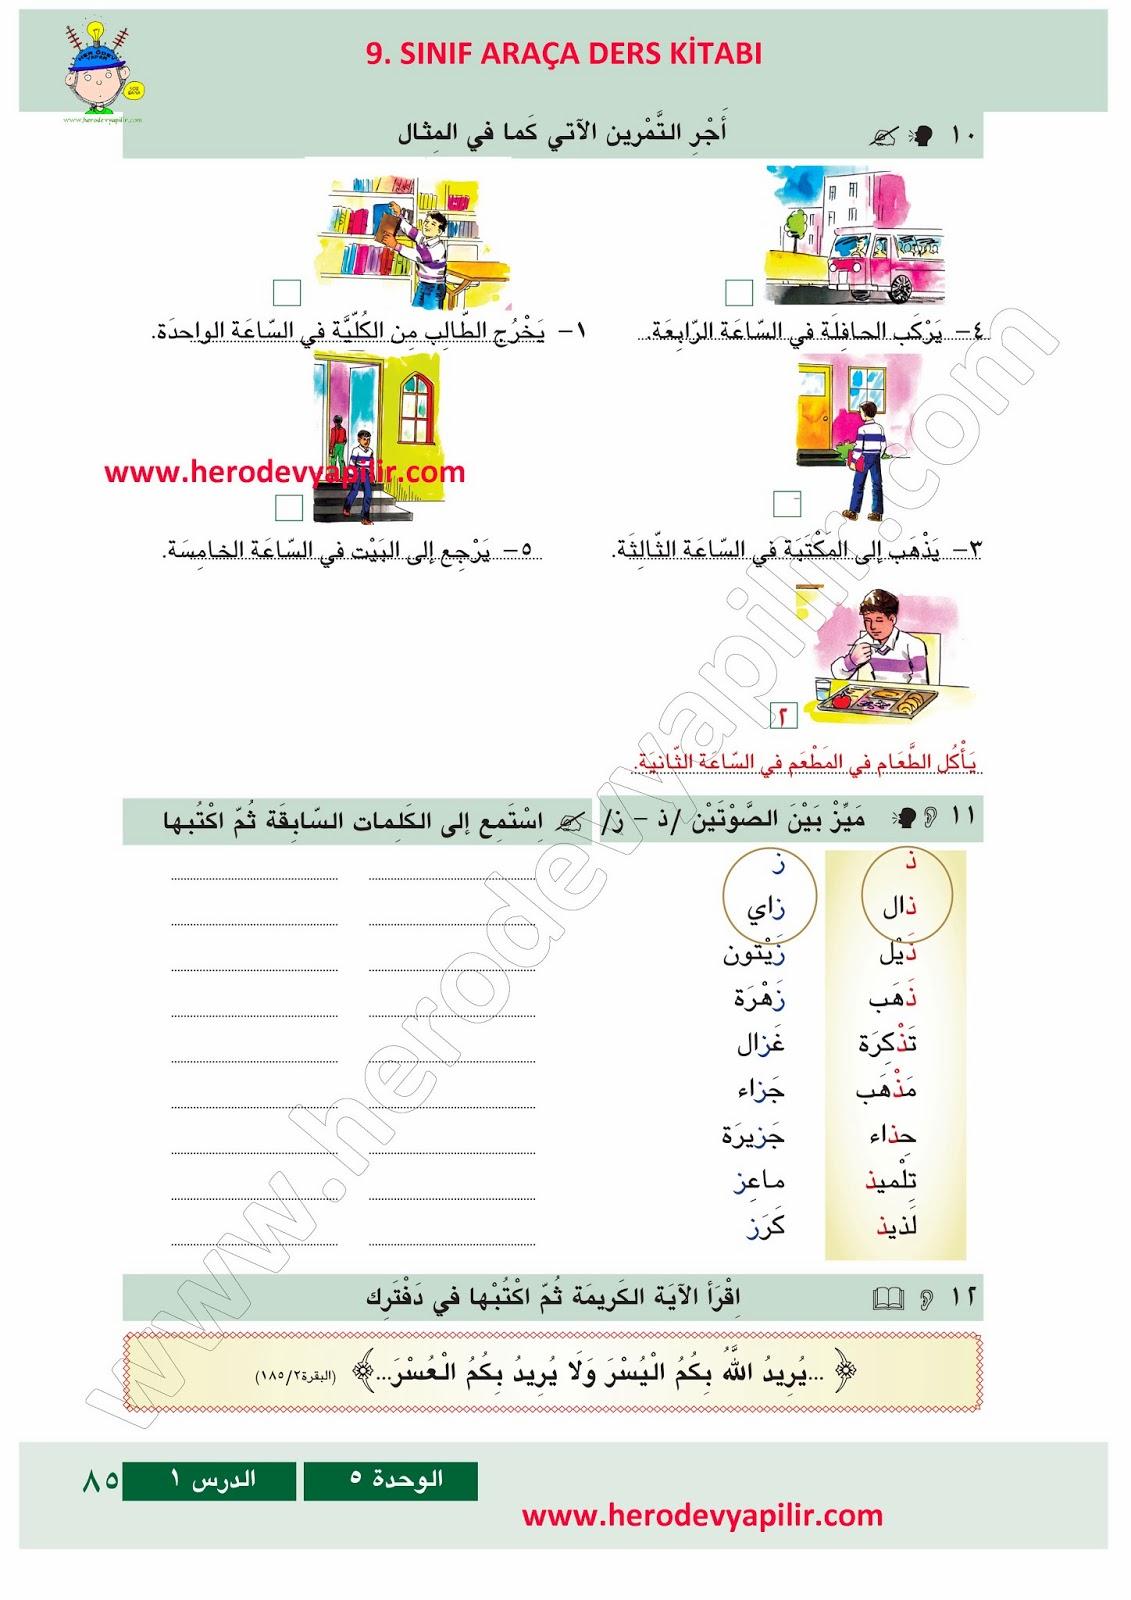 2013 2014 9sınıf Arapça Kitabı Tüm Cevapları